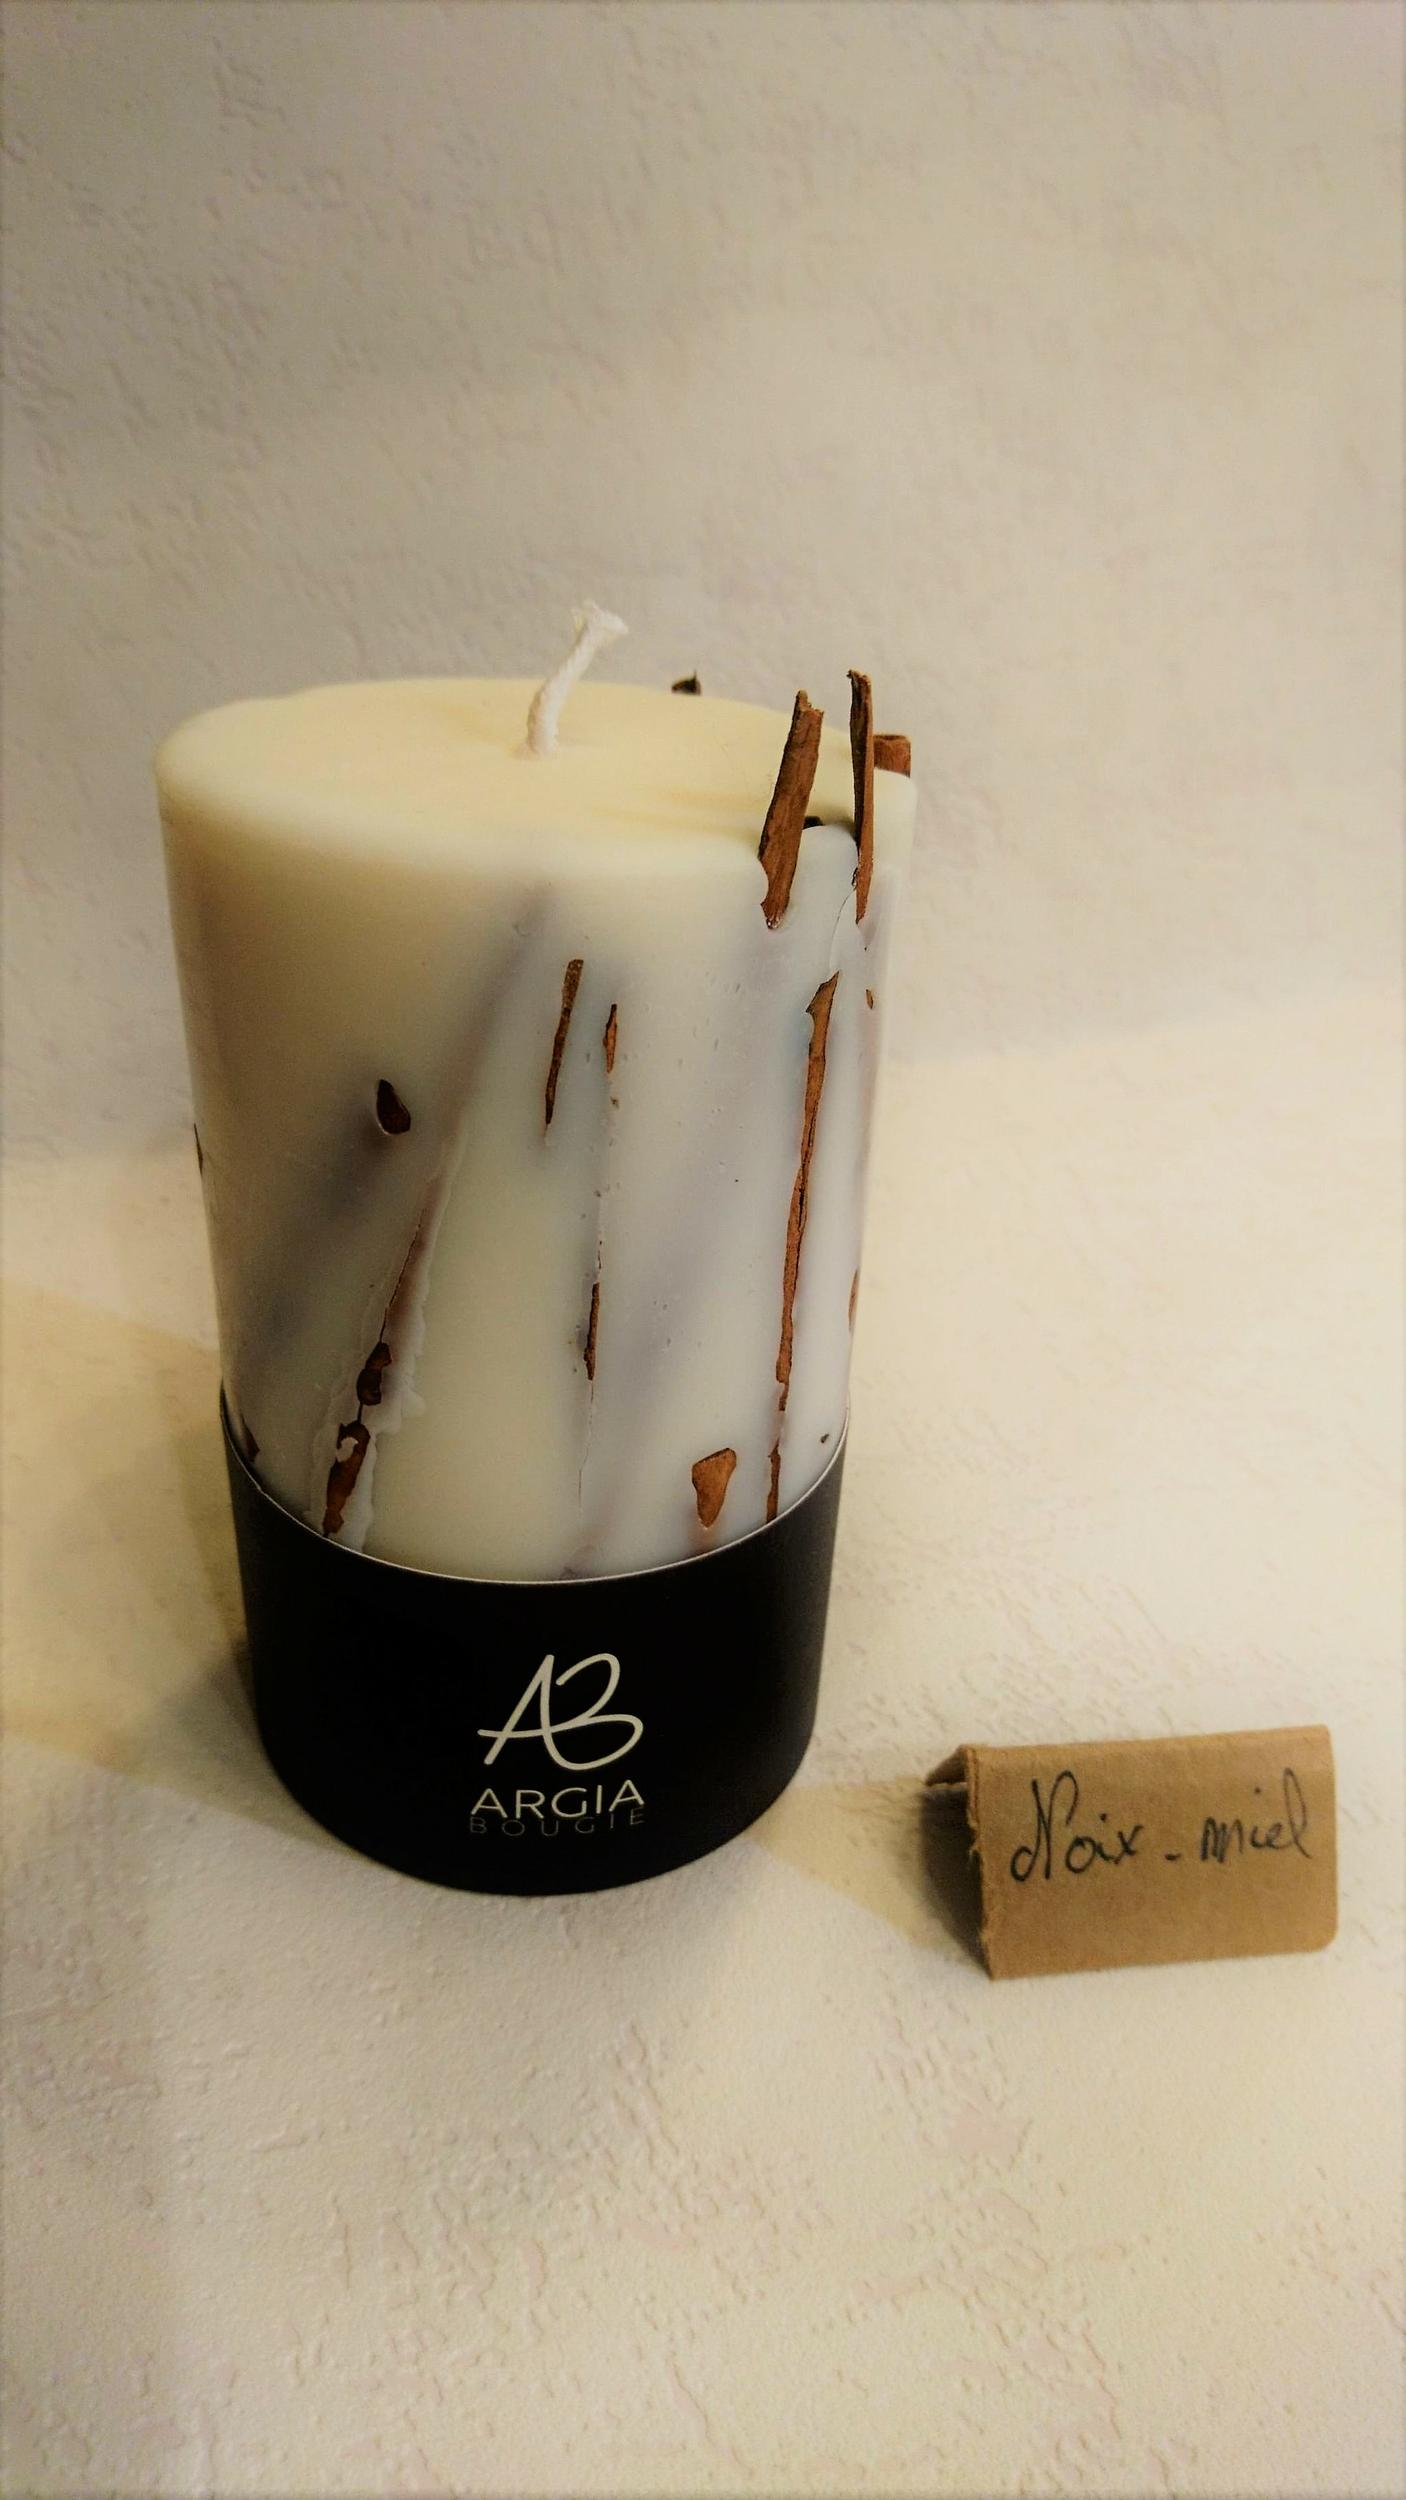 Bougie photophore - parfum Noix/miel & décor bâtons de cannelle